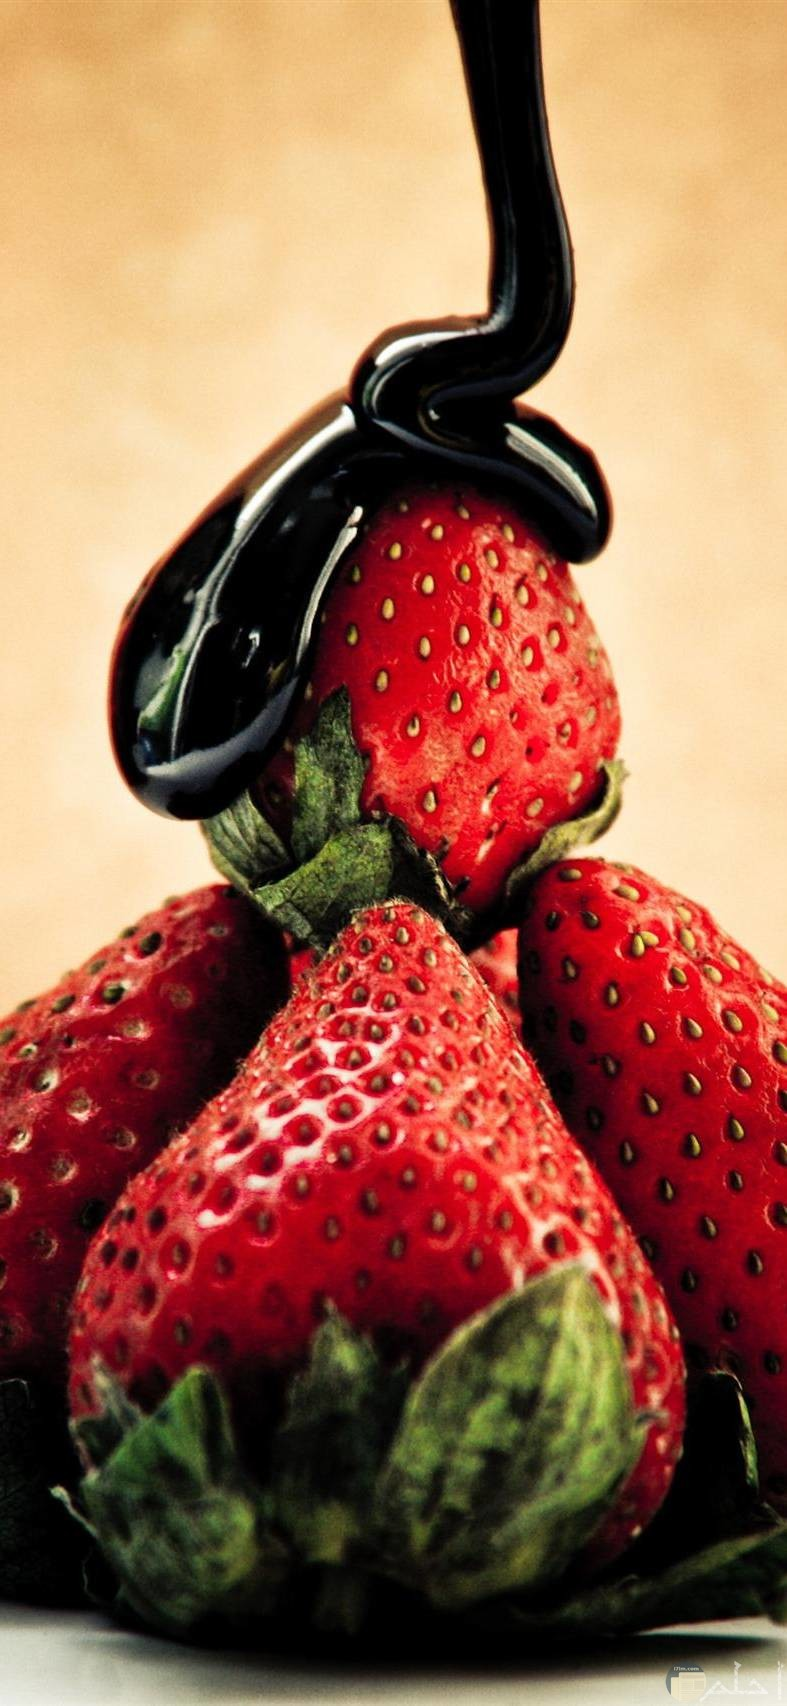 صور فراولة تجنن